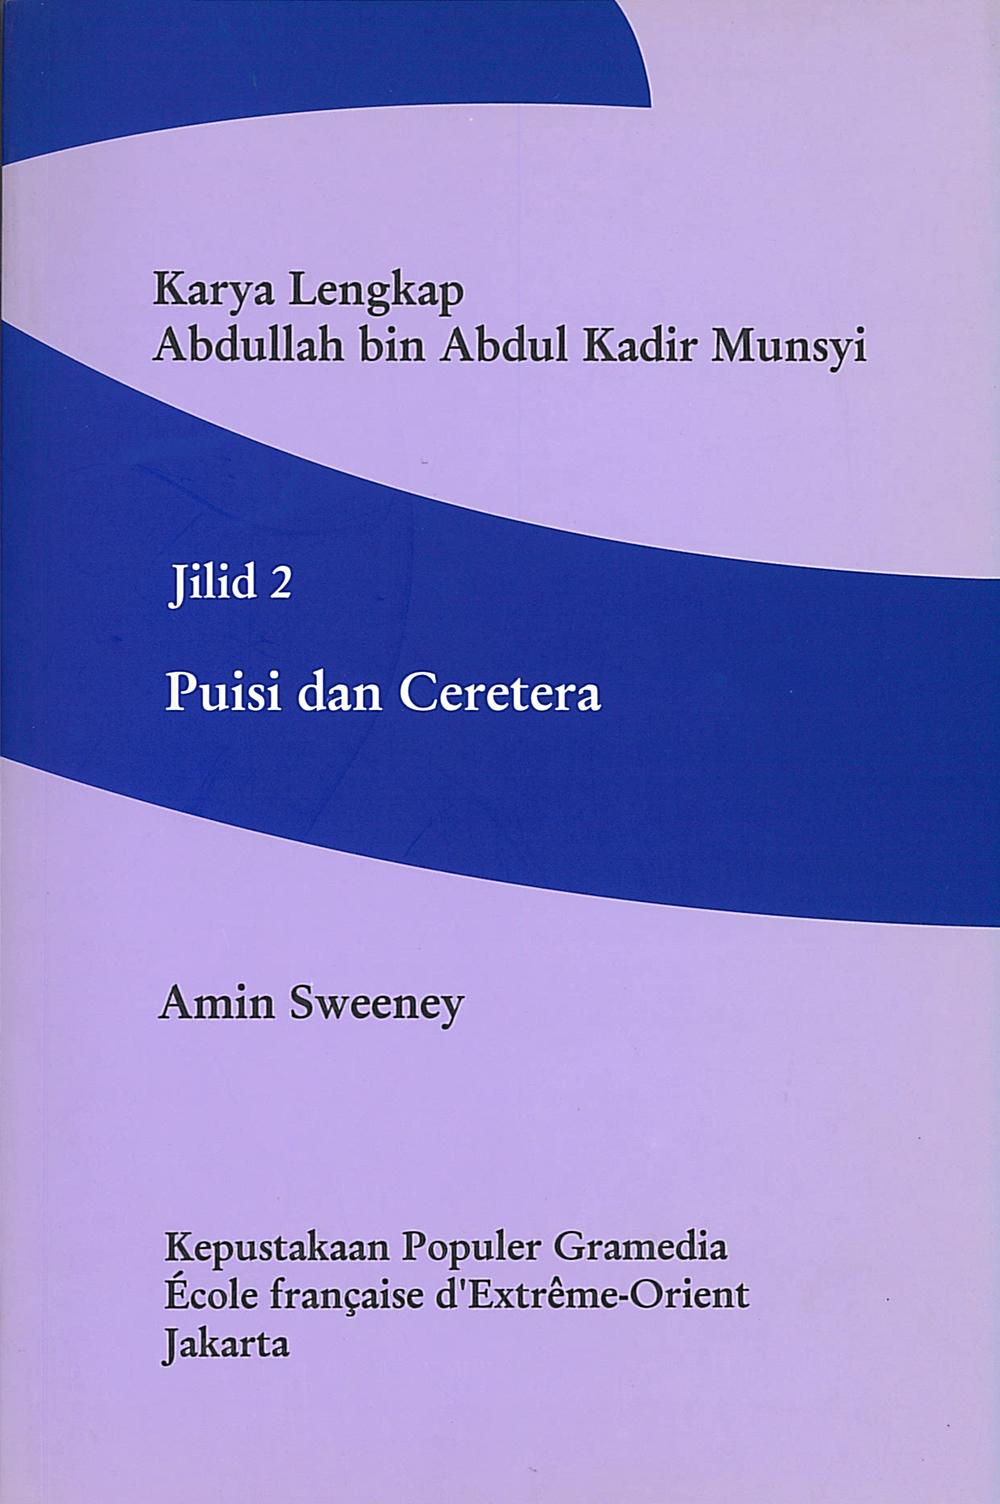 Karya Lengkap Abdullah bin Abdul Kadir Munsyi. Jilid 2, Puisi dan Cetera